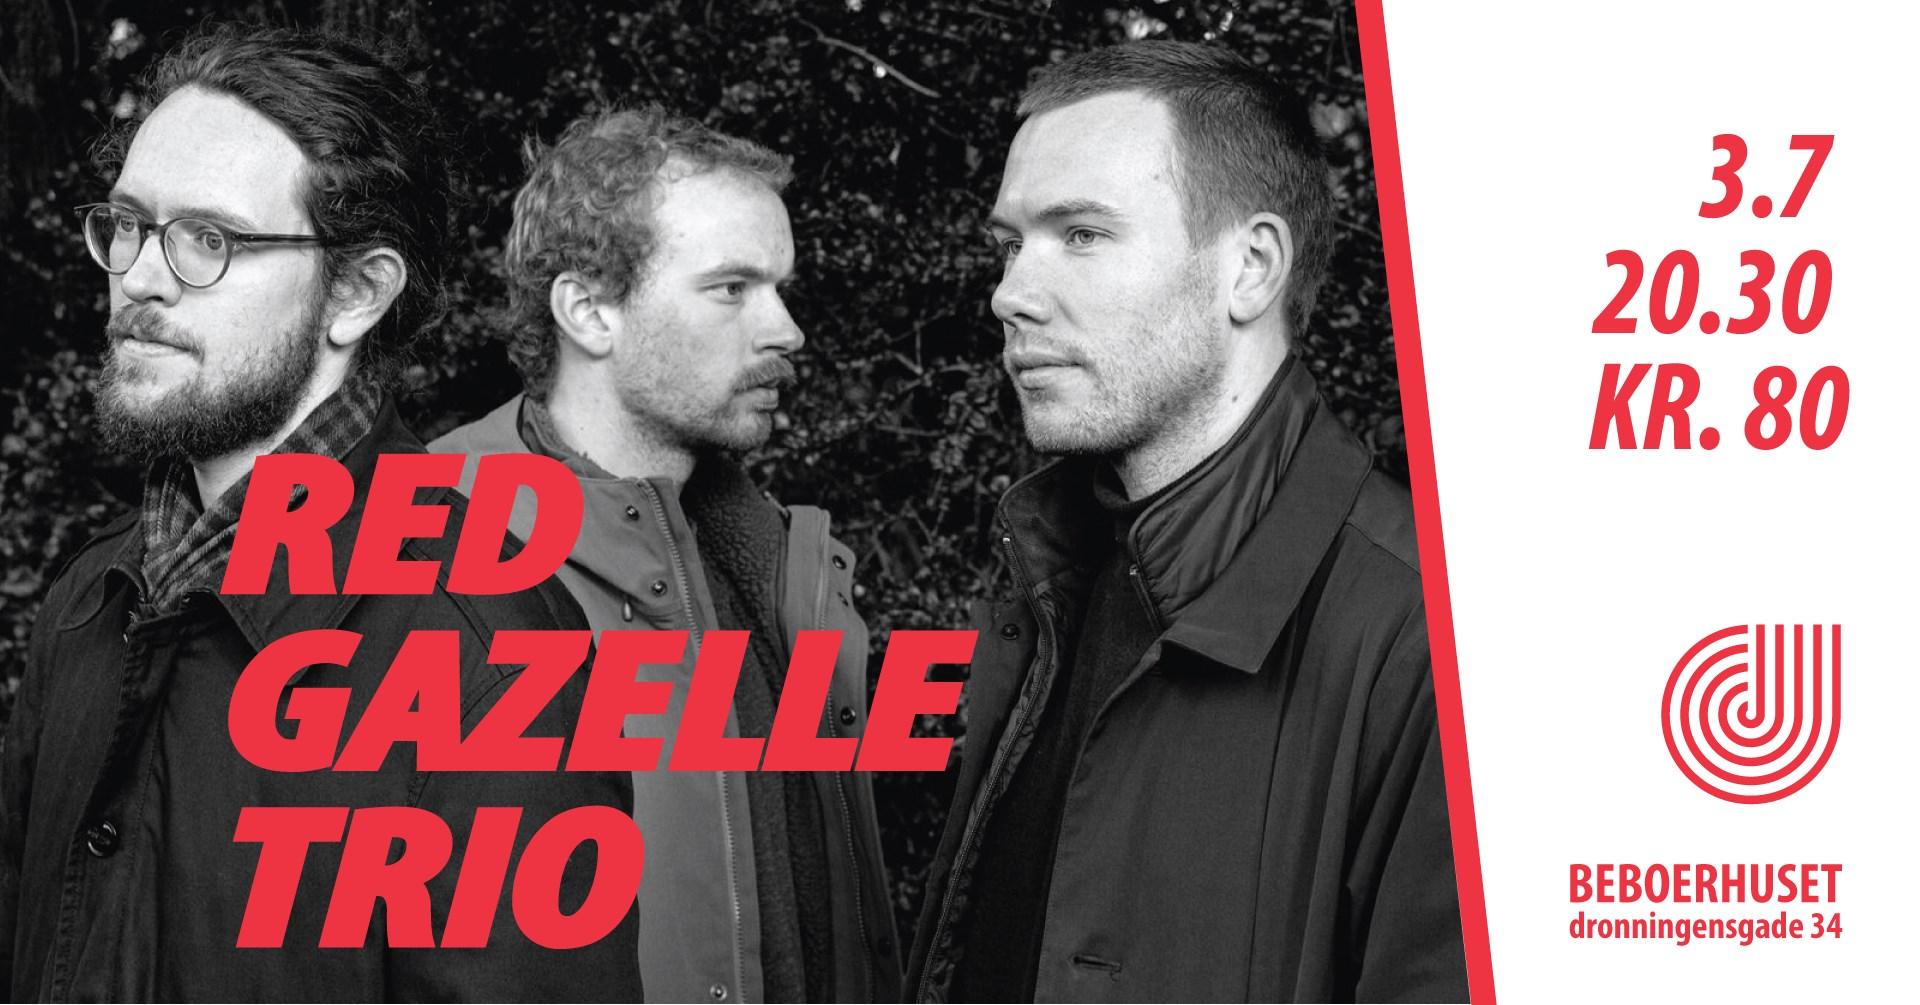 Red Gazelle Trio på Beboerhuset